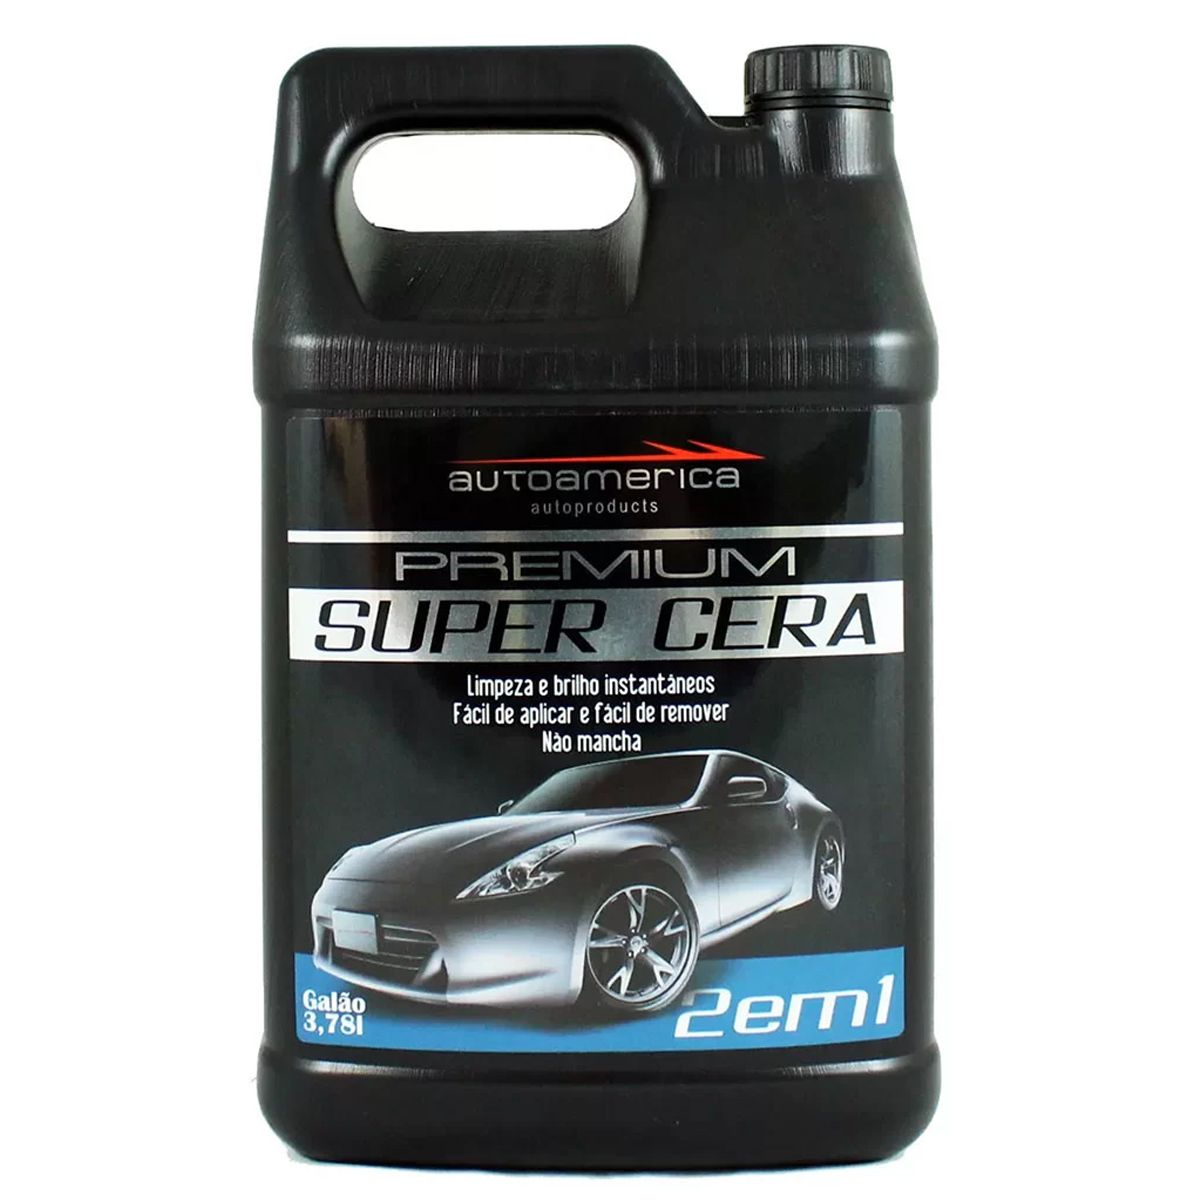 Super Cera Autoamerica - Galão 3,78 Litros